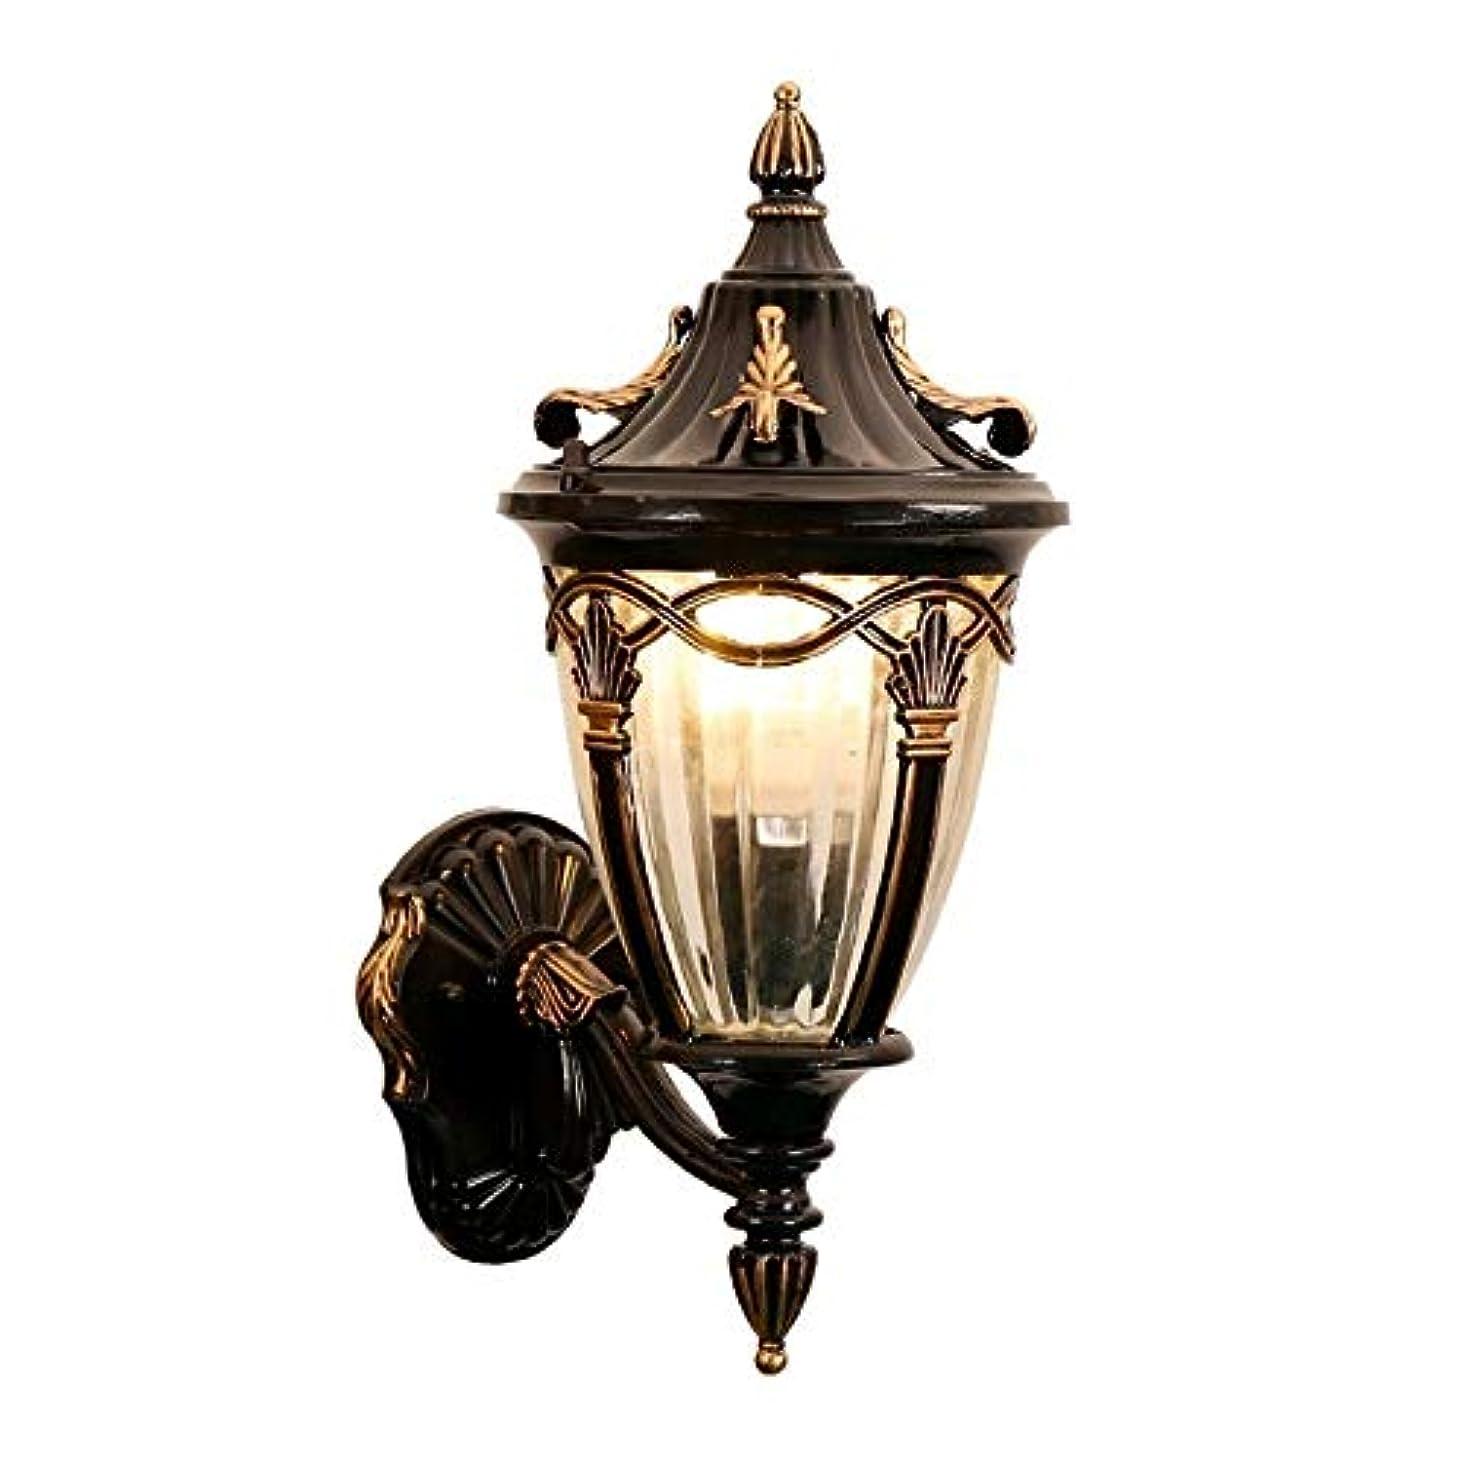 体こしょう香水DULG 地中海レトロな屋外防水ポーチの壁の照明は、花のバルコニーの壁取り付け用燭台ヴィラの庭の装飾グリッドストライプガラスウォールランタンパティオ防錆エクステリア壁ランプ16.1インチを指摘しました